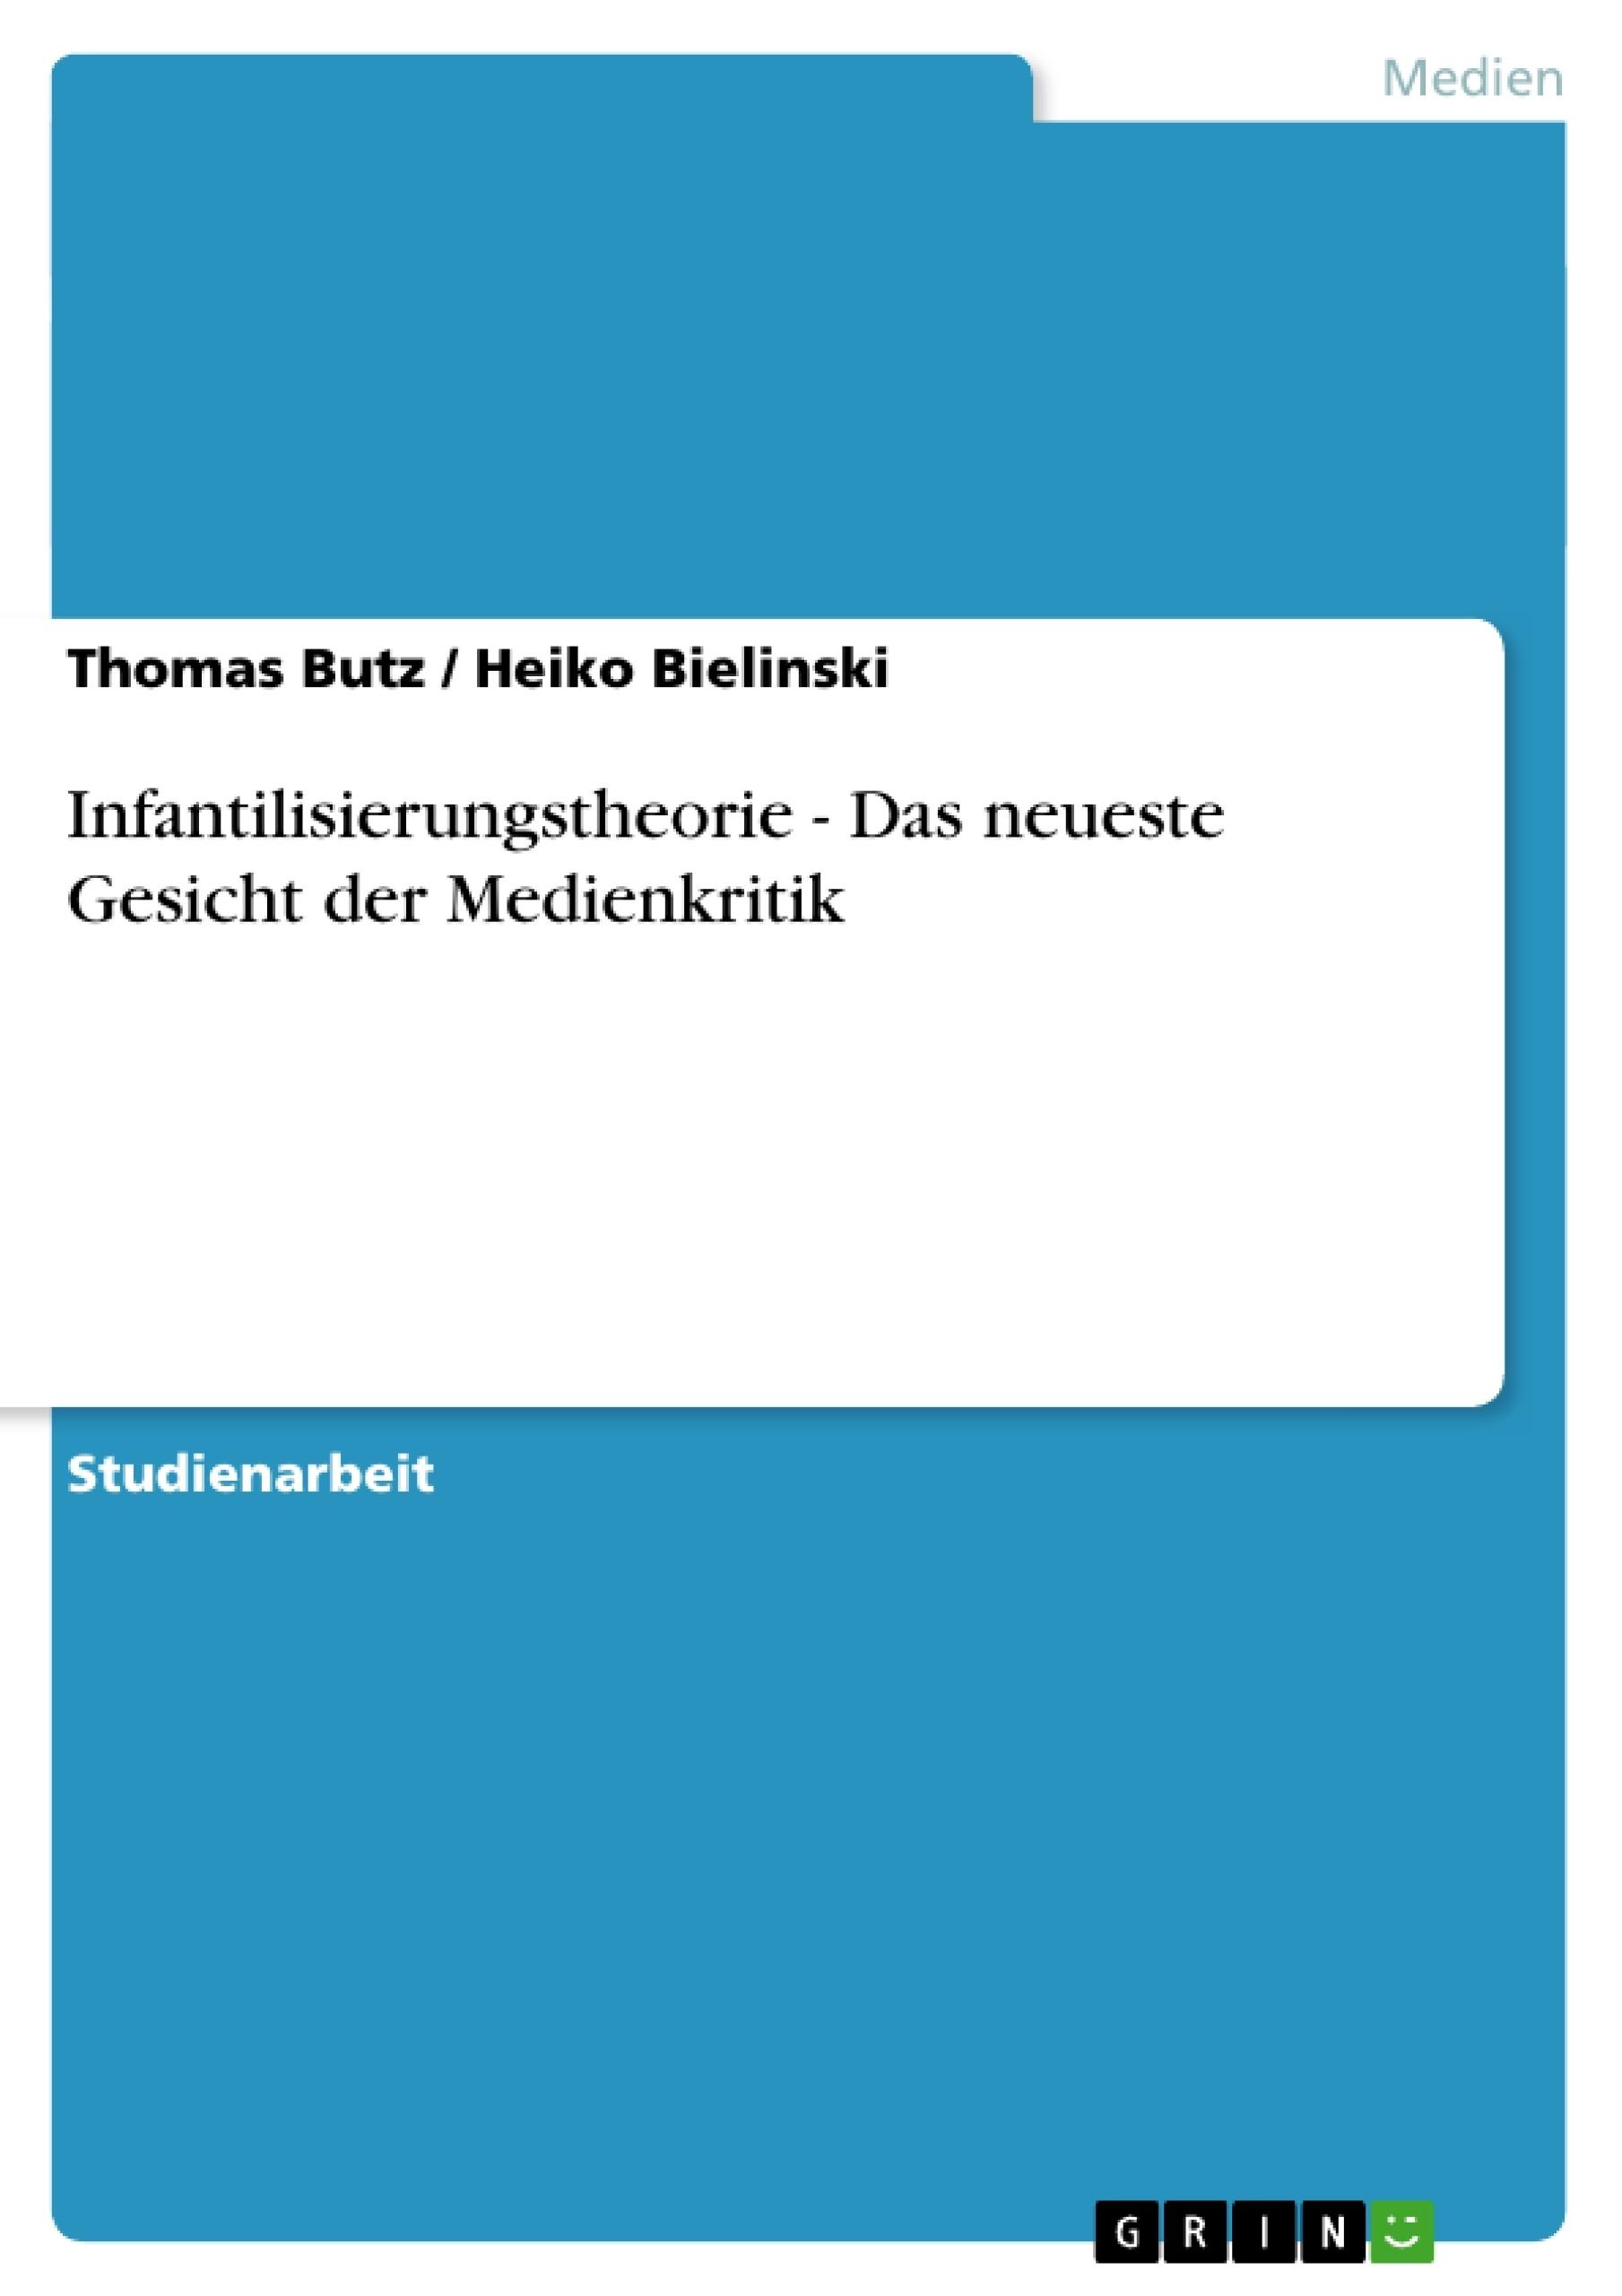 Titel: Infantilisierungstheorie - Das neueste Gesicht der Medienkritik